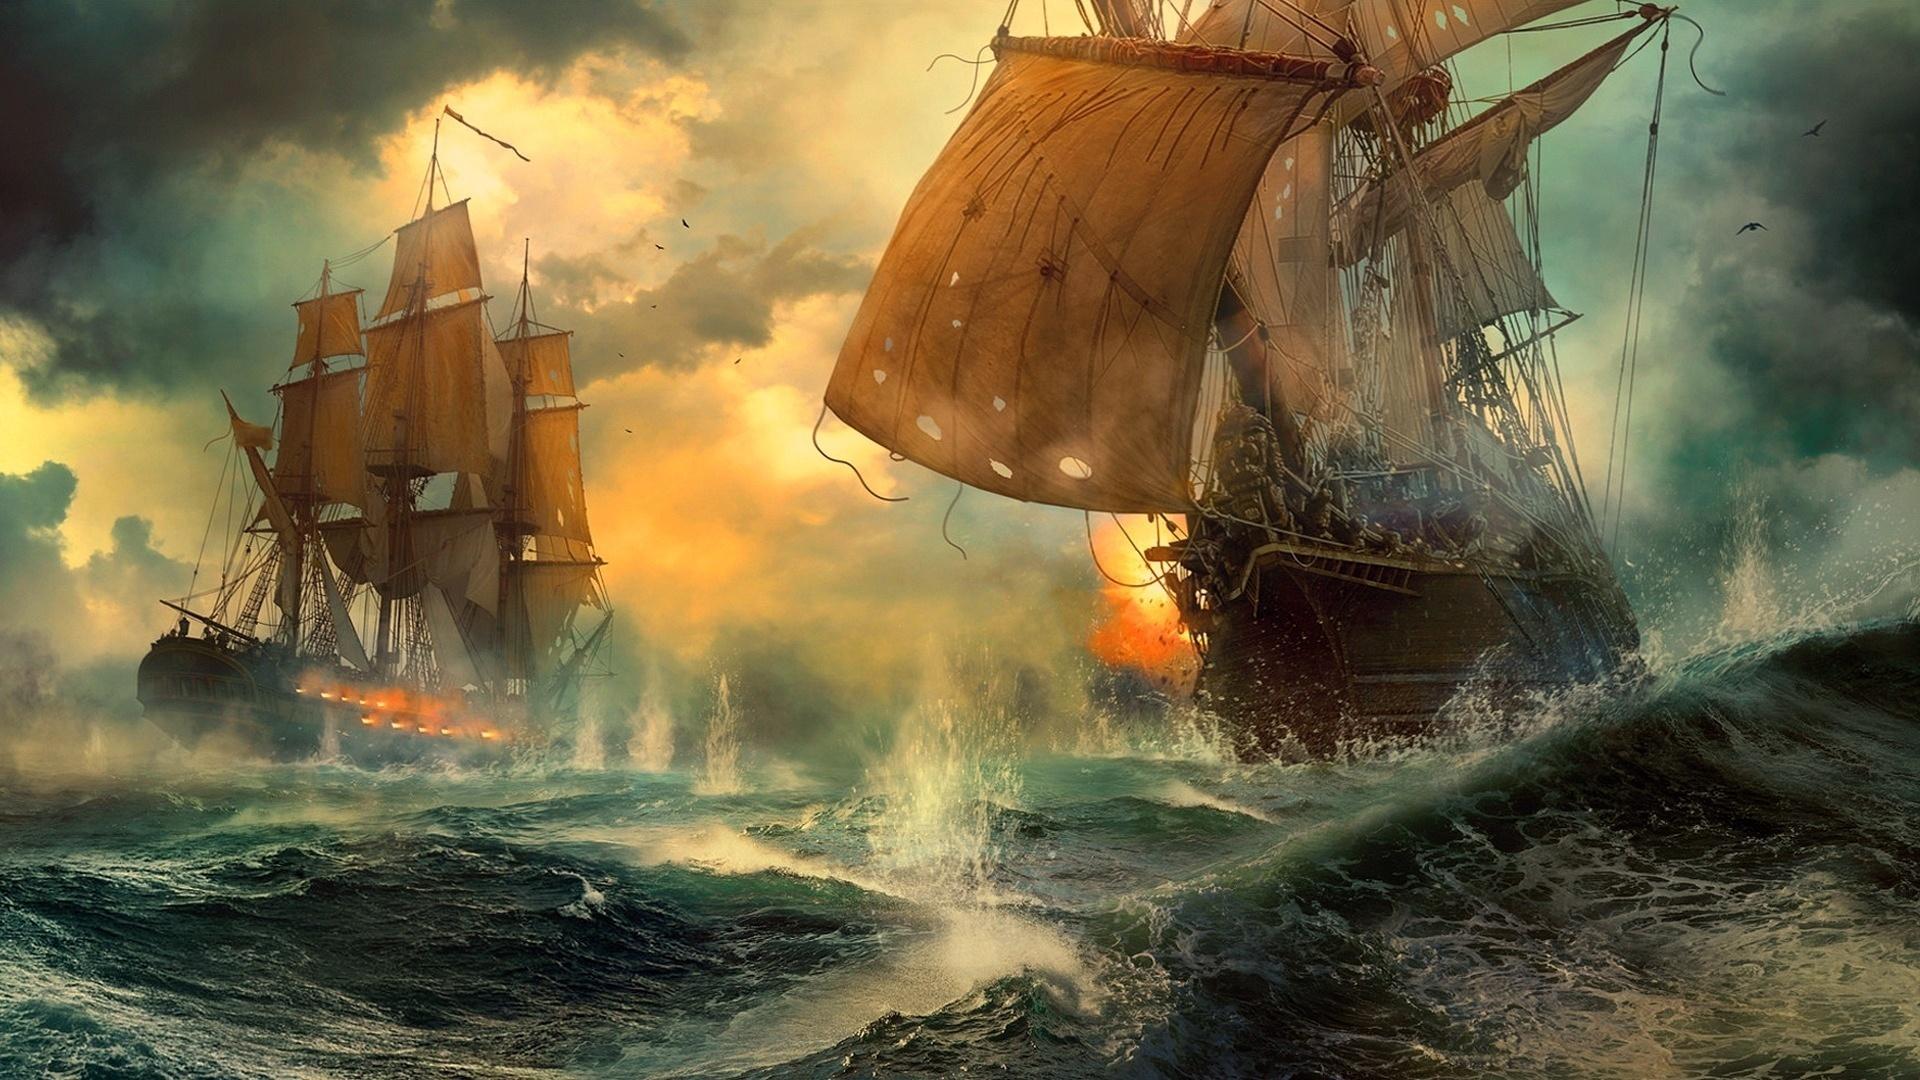 многоорешки, распадающиеся бои пиратов картинки случае ослабленными тонкими